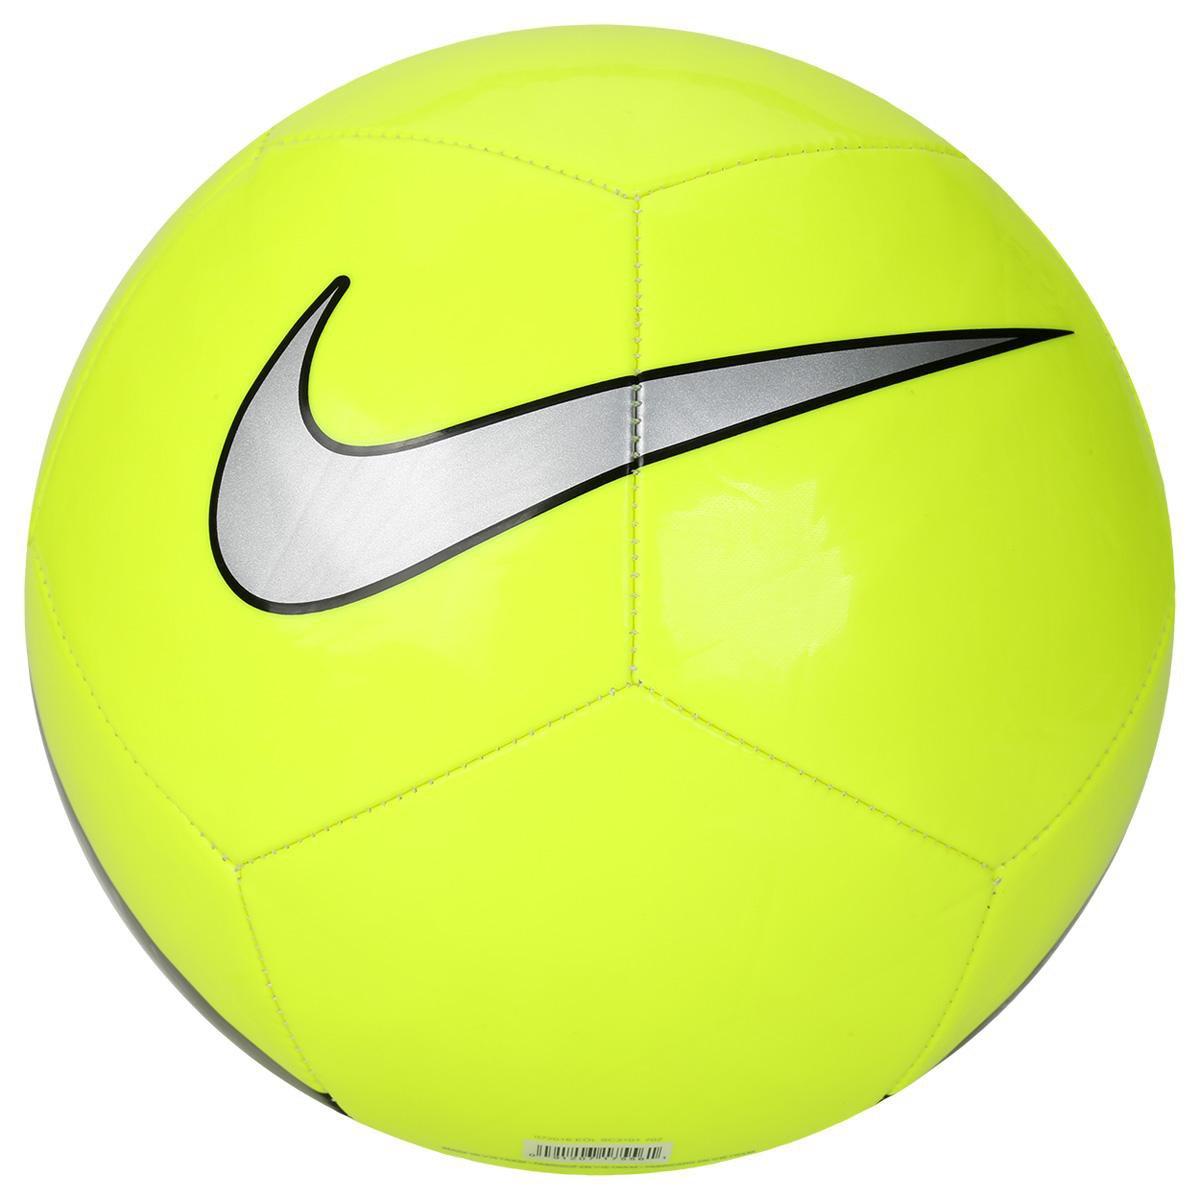 Bola Futebol Campo Nike Pitch Trainning - Verde Limão - Compre Agora ... 8e5154b713503